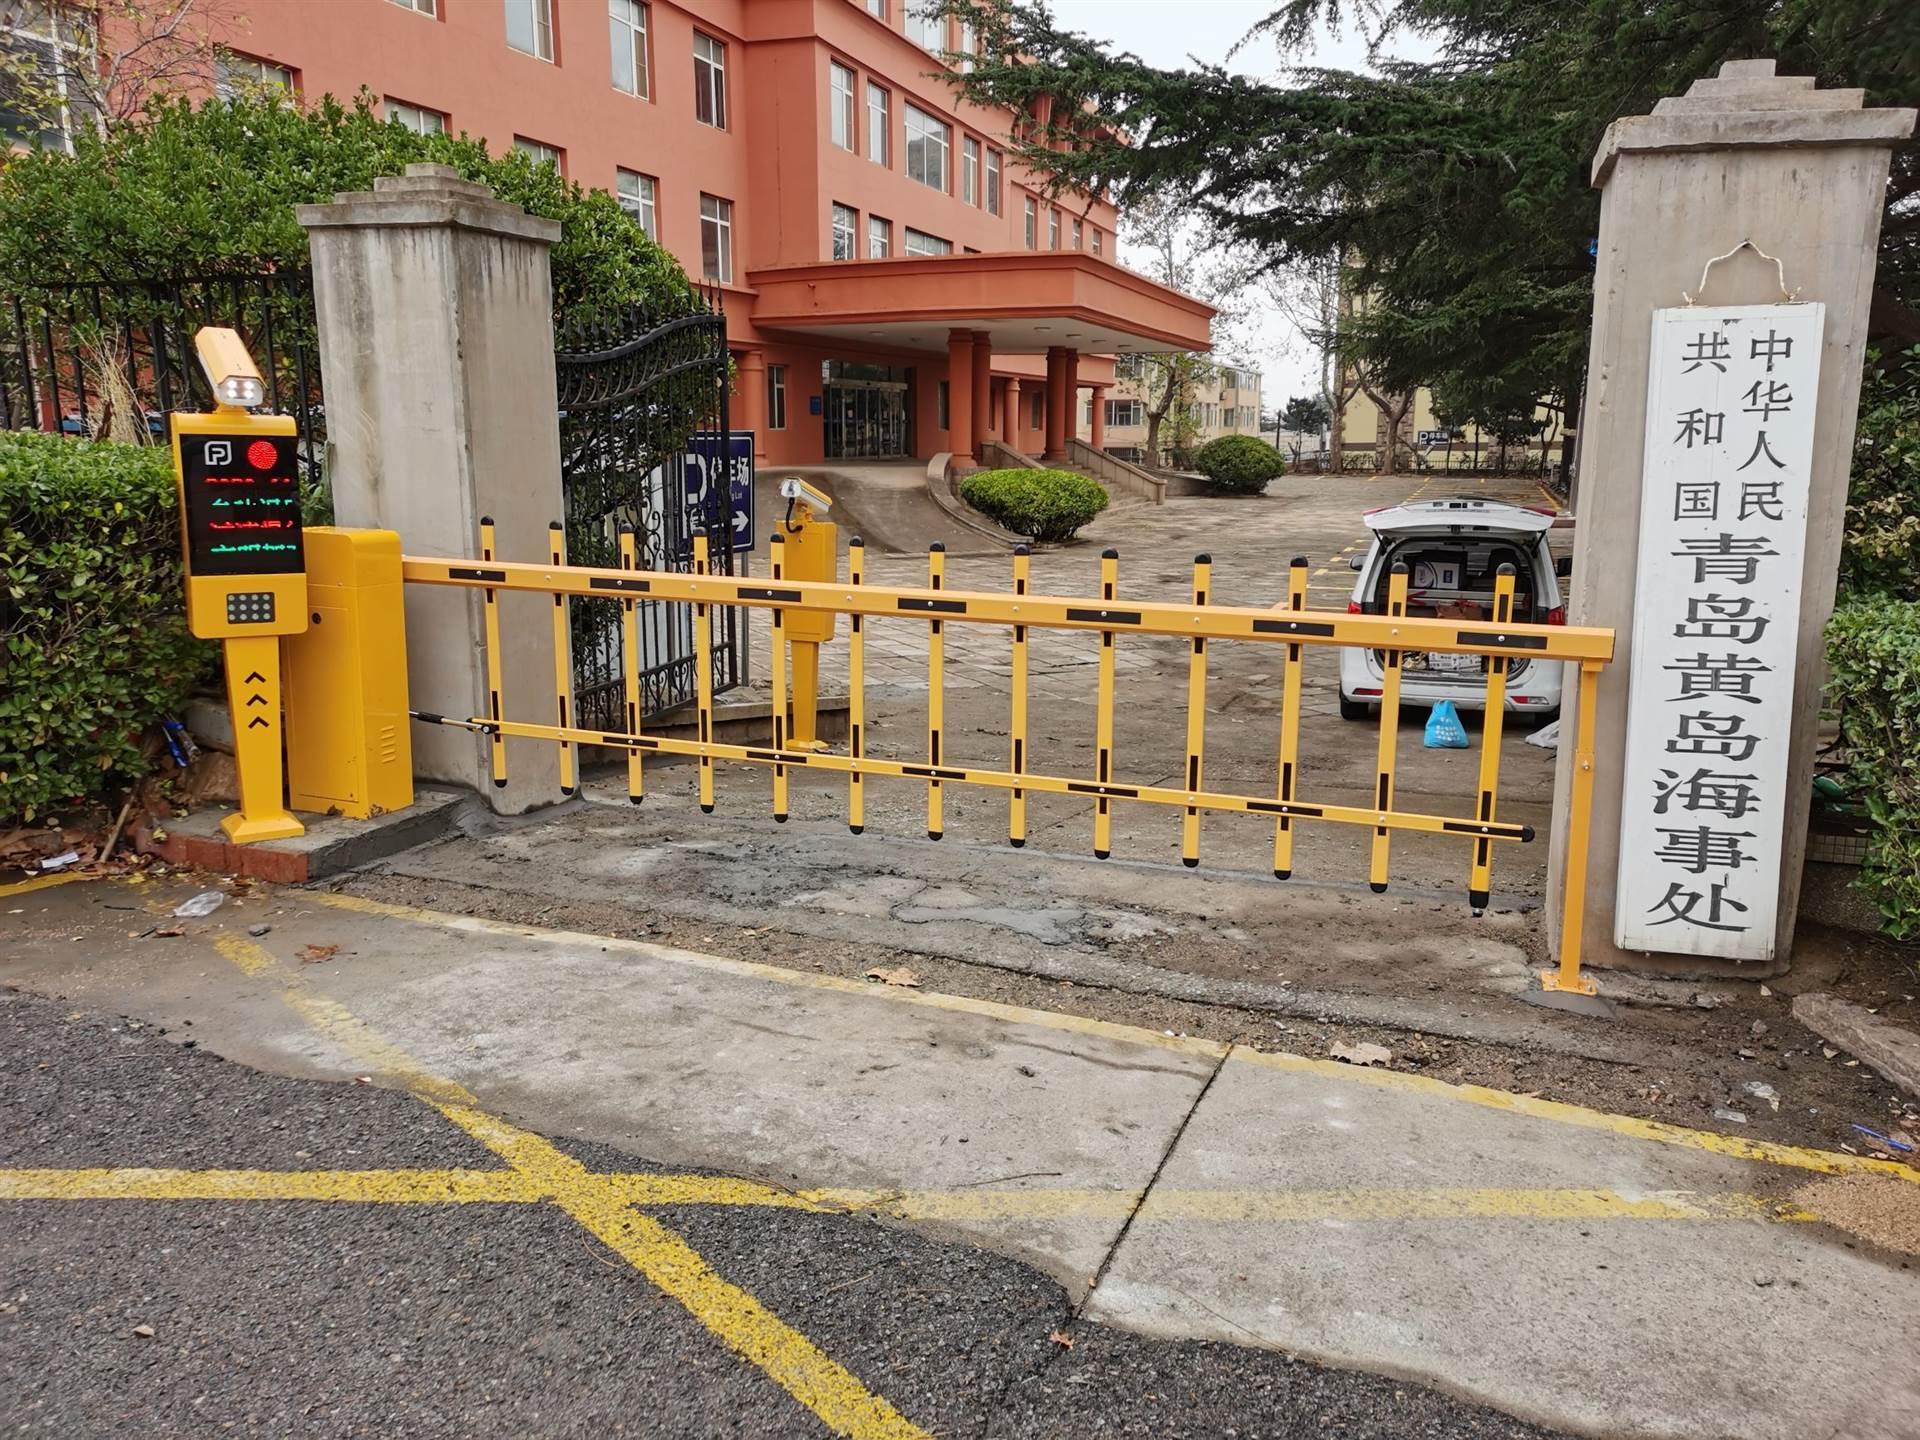 青岛车牌识别系统设备,黄岛车牌识别停车场